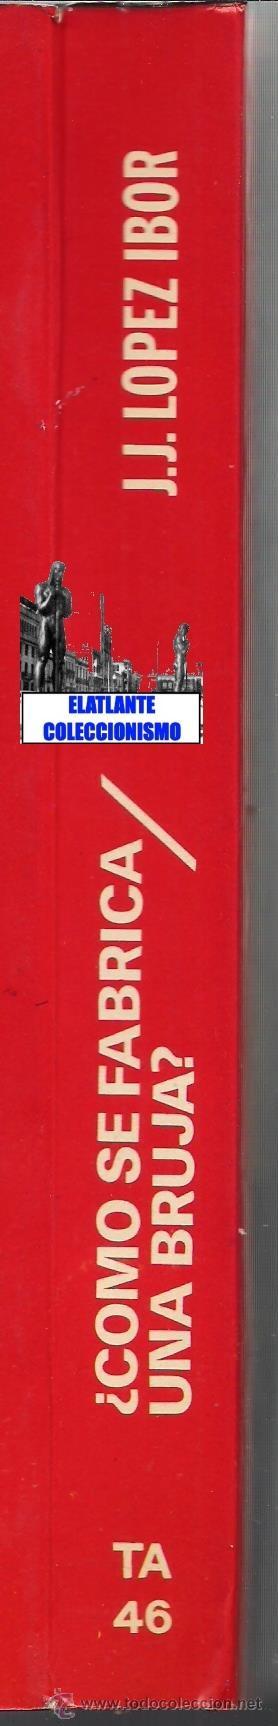 Libros: ¿CÓMO SE FABRICA UNA BRUJA? - J. J. LÓPEZ IBOR - DOPESA 1976 - BRUJERÍA PSICOLOGÍA PSQUIATRÍA NUEVO - Foto 3 - 49208335